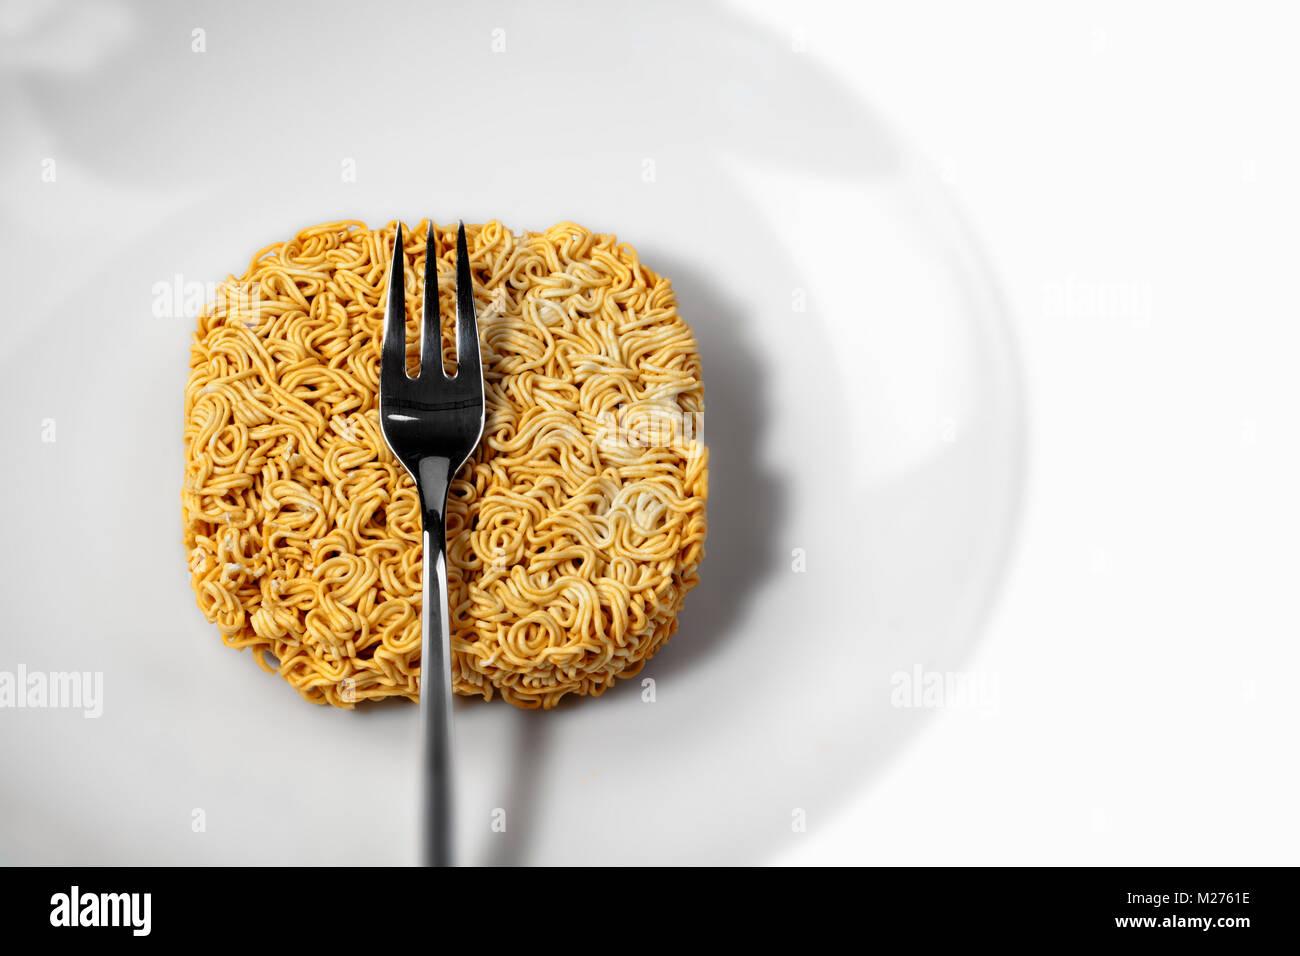 Asian instant noodles on a plate, Instant Nudeln, nicht zubereitet, auf einem Teller - Stock Image